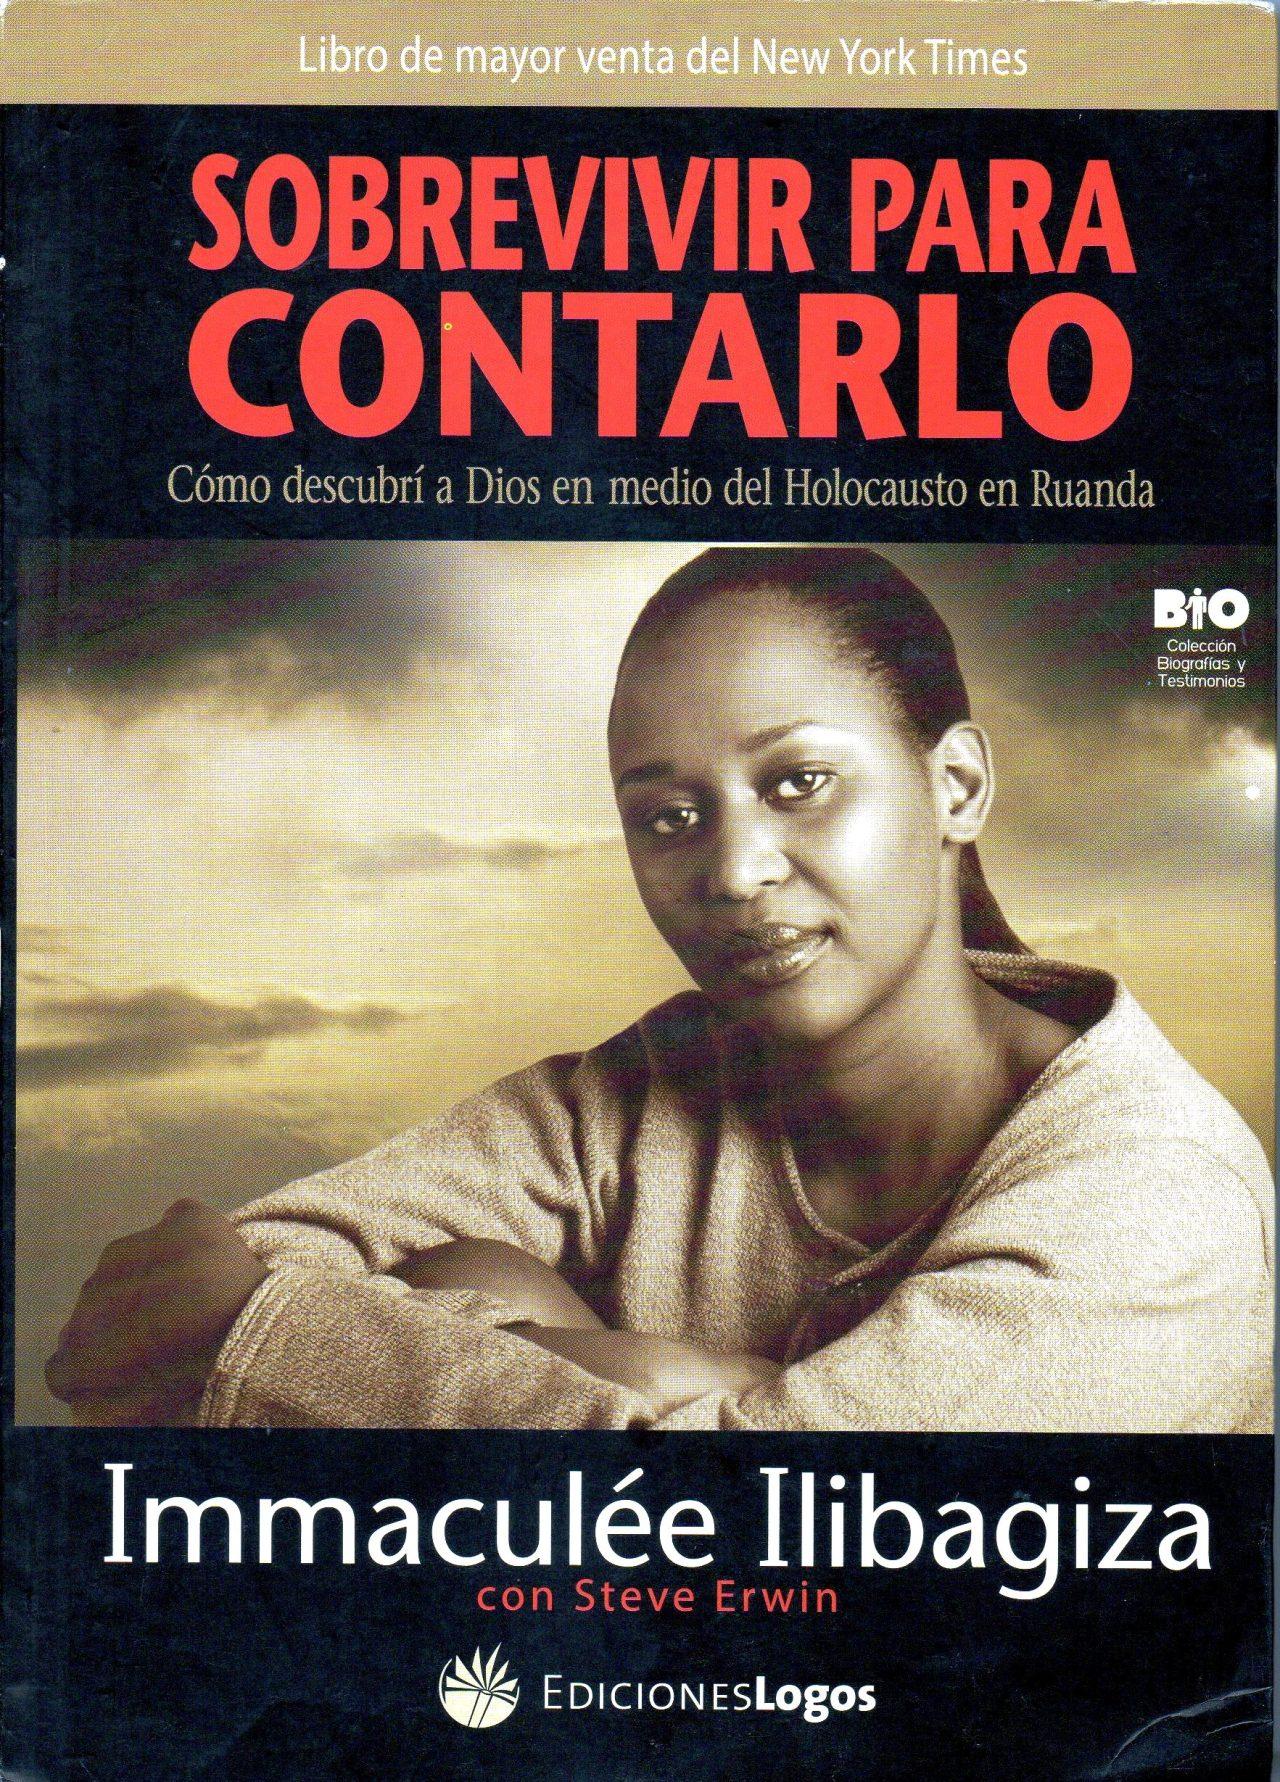 """""""SOBREVIVIR PARA CONTARLO"""": UNA HISTORIA DE FE CONTRA TODA ESPERANZA (por Pablo R.Bedrossian)"""